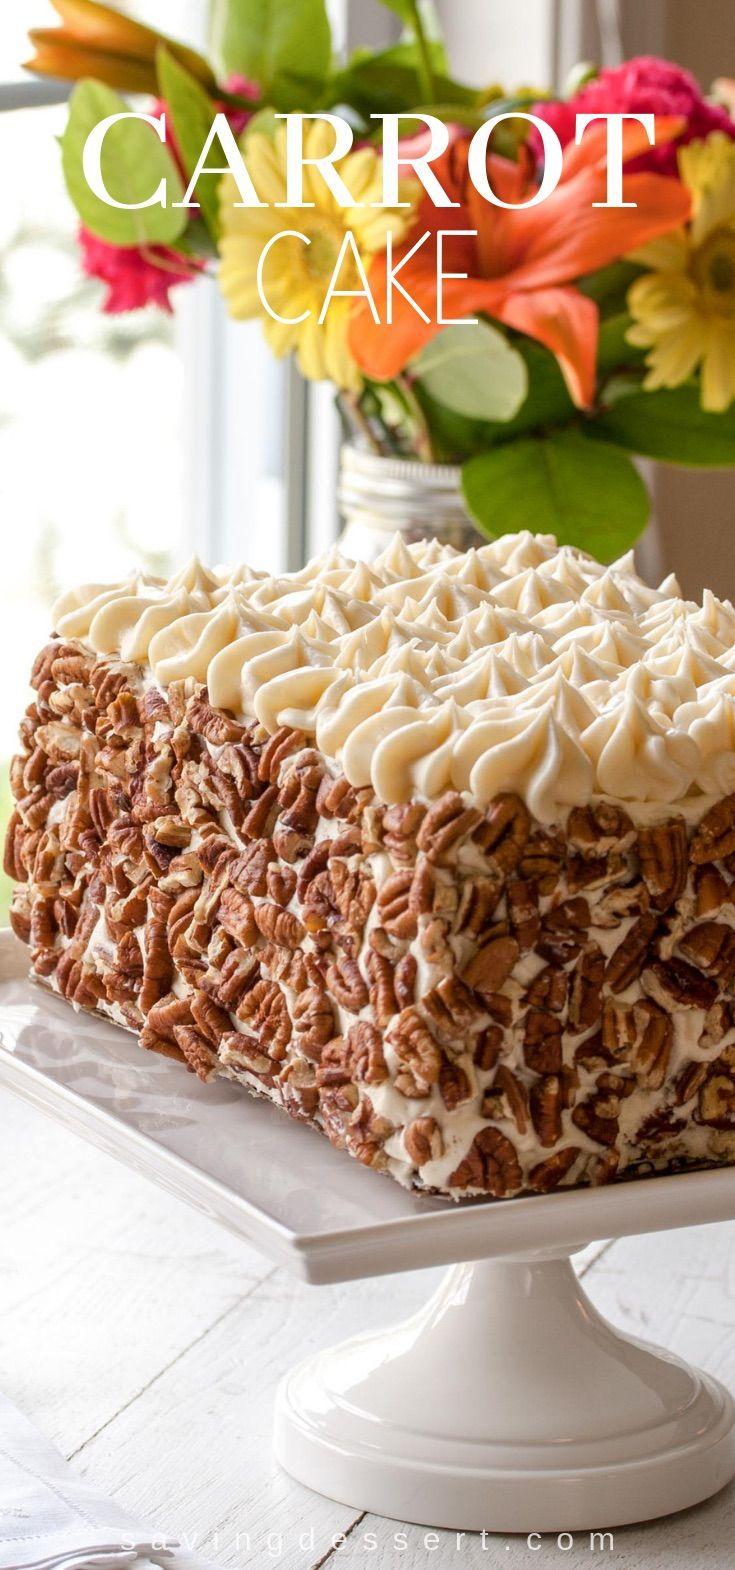 Carrot Cake Recipe Layer Cake Filling Carrot Cake Savoury Cake